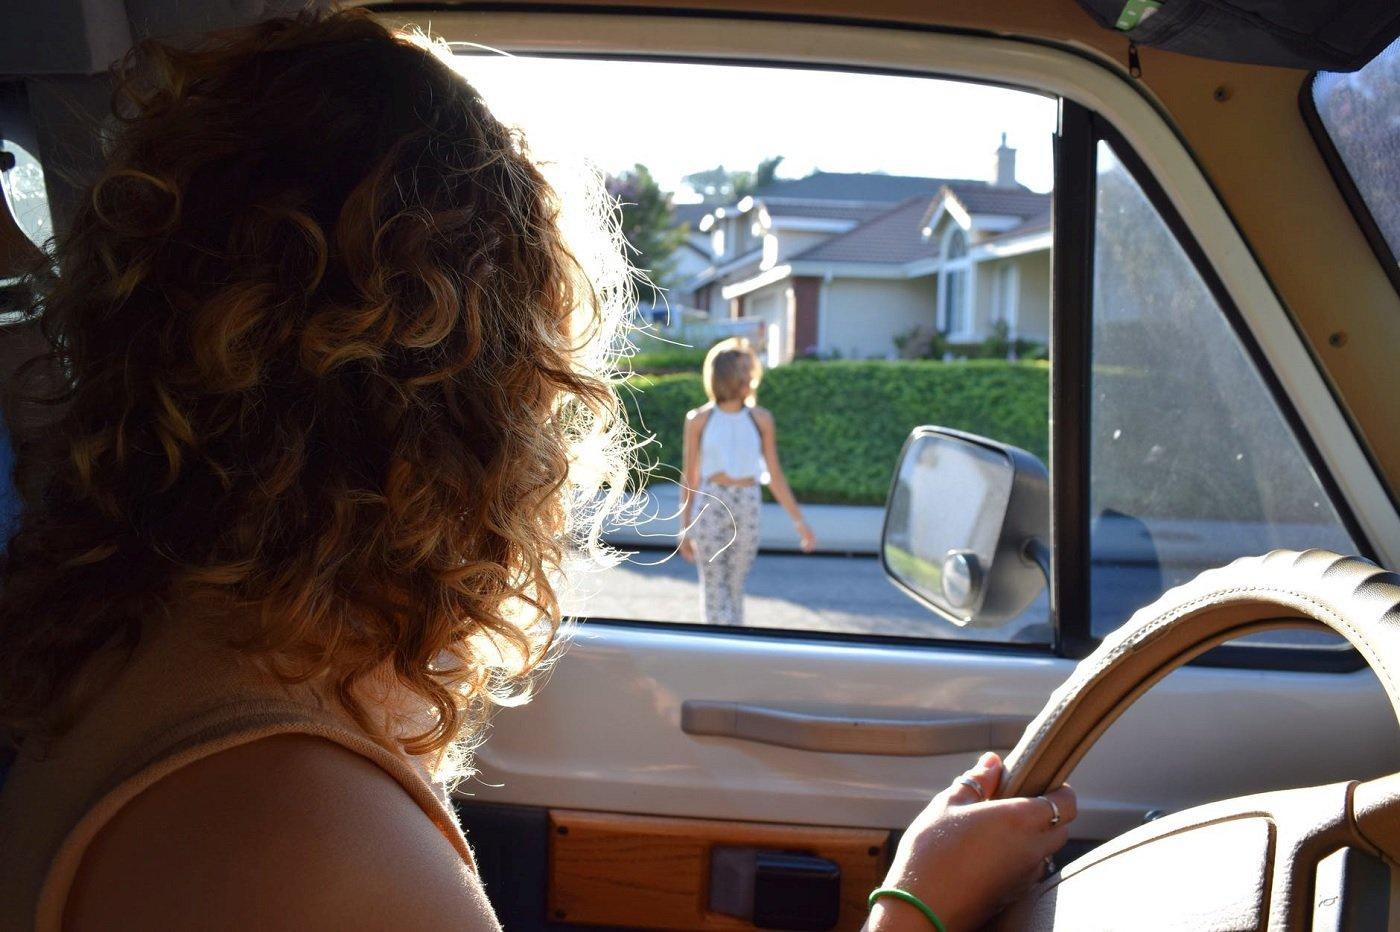 Une femme conduit une voiture